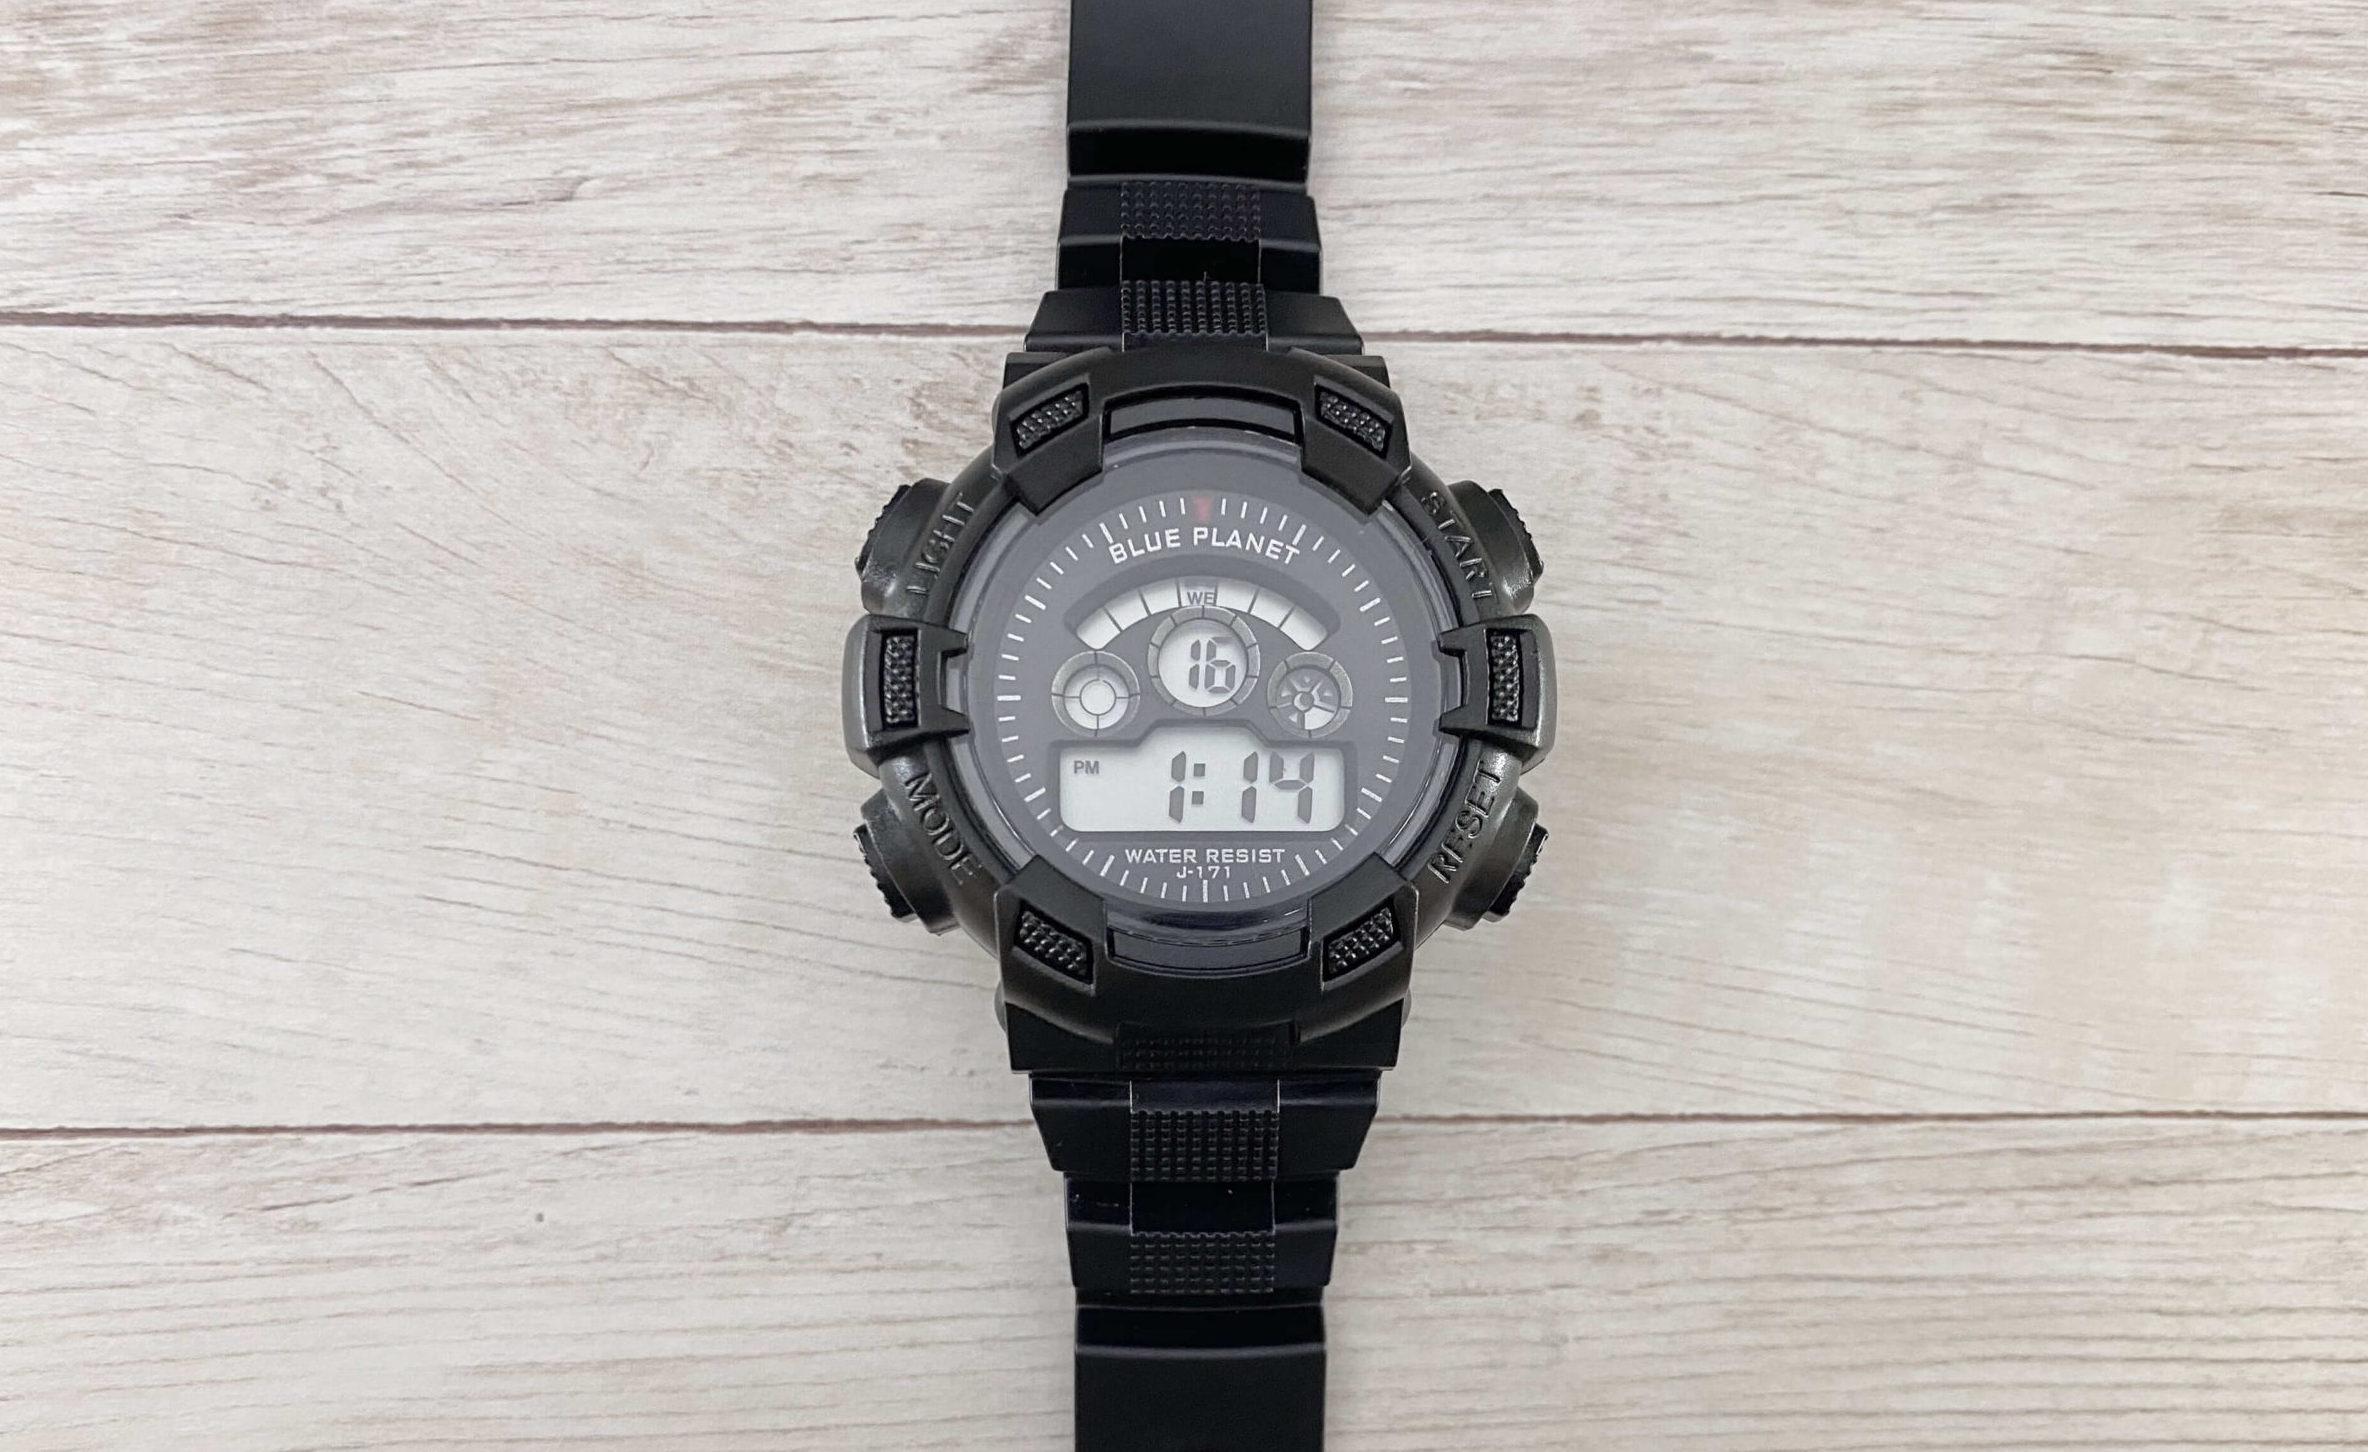 ダイソー腕時計ブループラネットGのデジタルディスプレイ